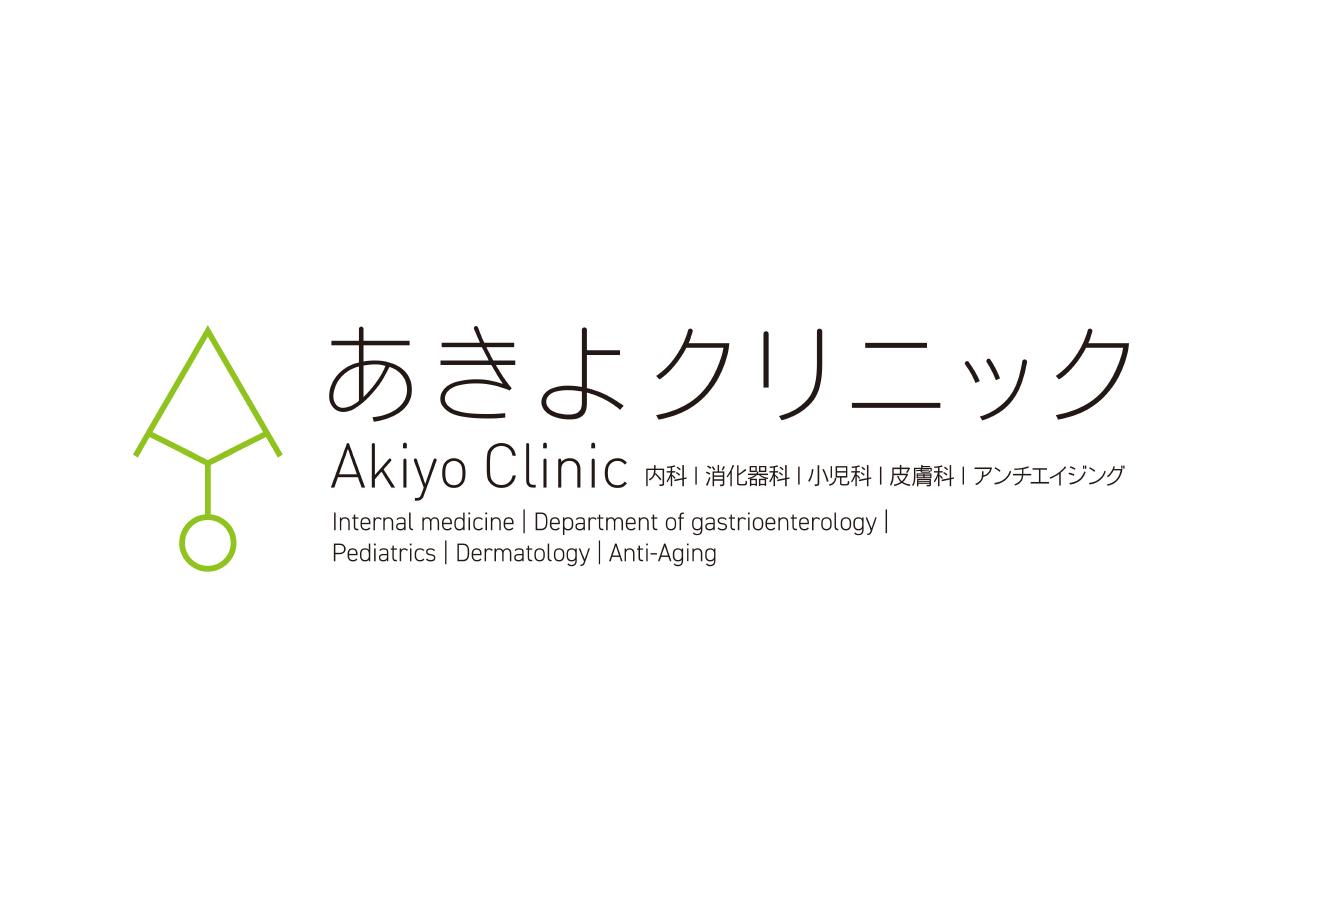 あきよクリニック Logo & Sign